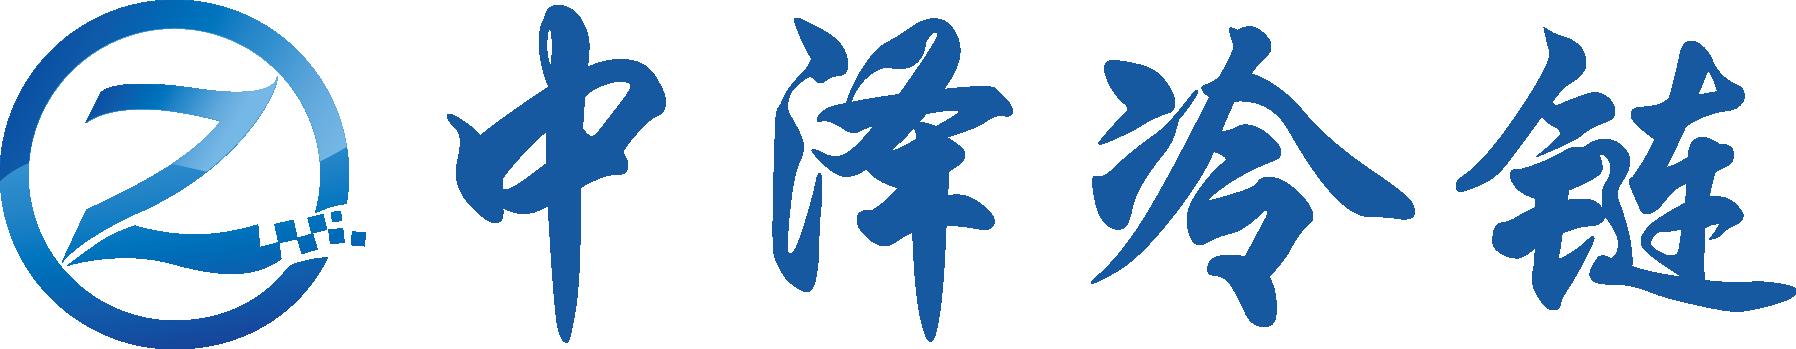 <strong>金花游戏-手机上打扑克赢钱软件</strong>